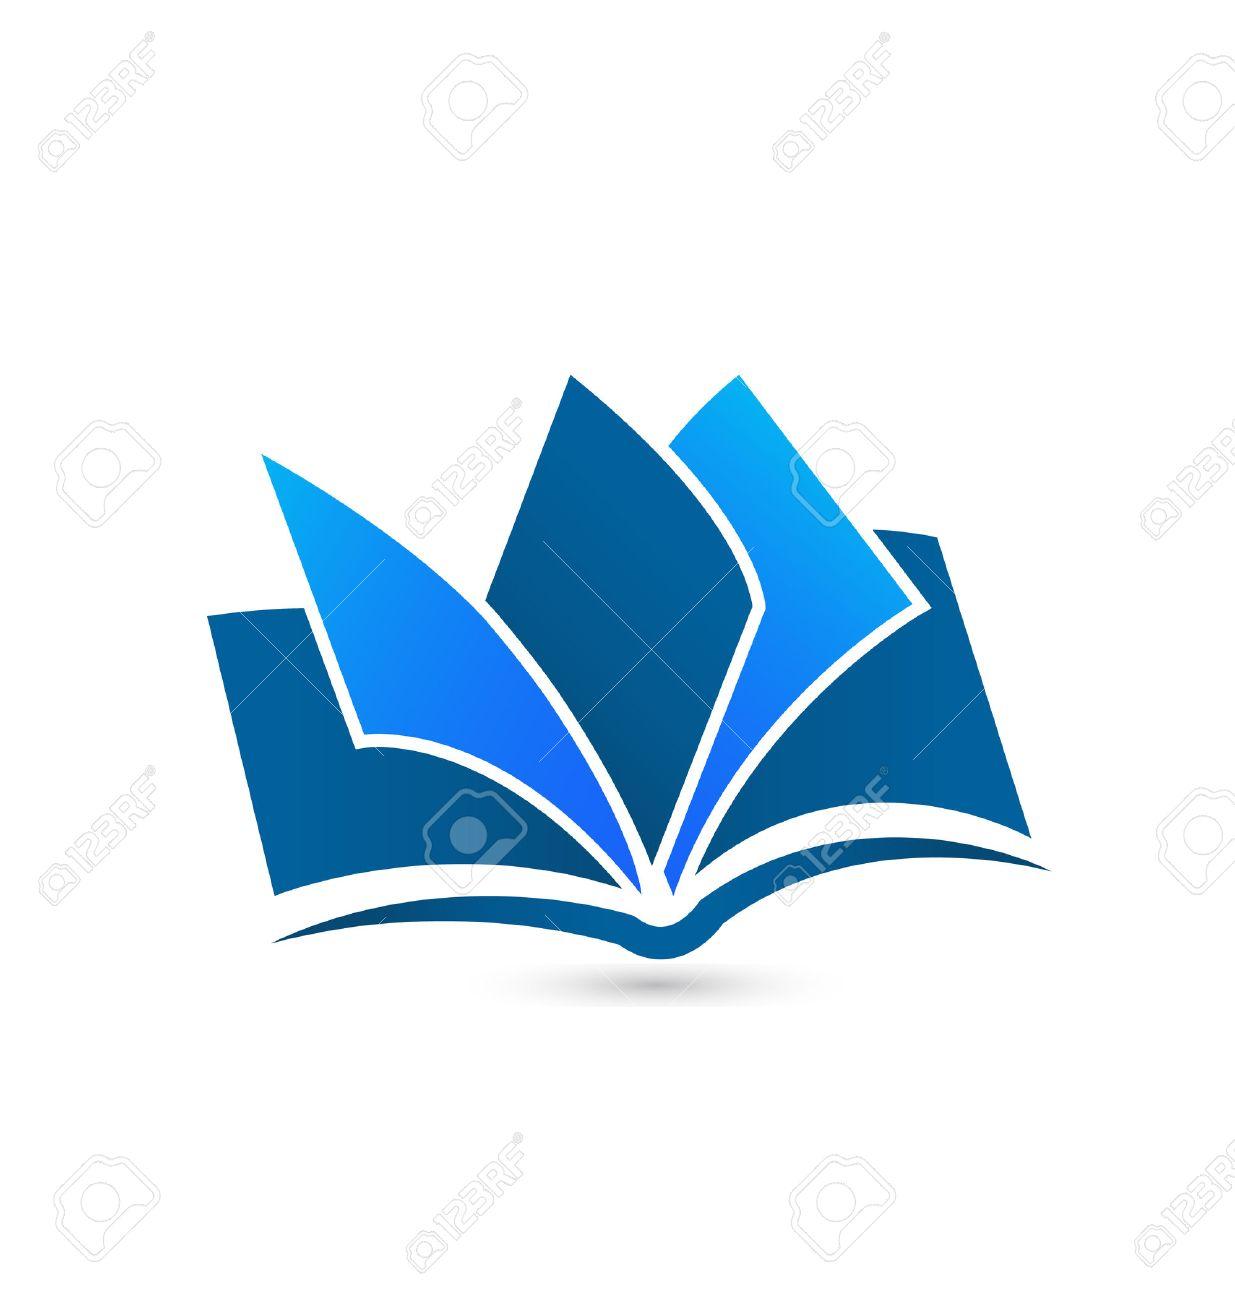 Ilustración Libro Icono Azul Plantilla De Fondo De Diseño Vectorial ...